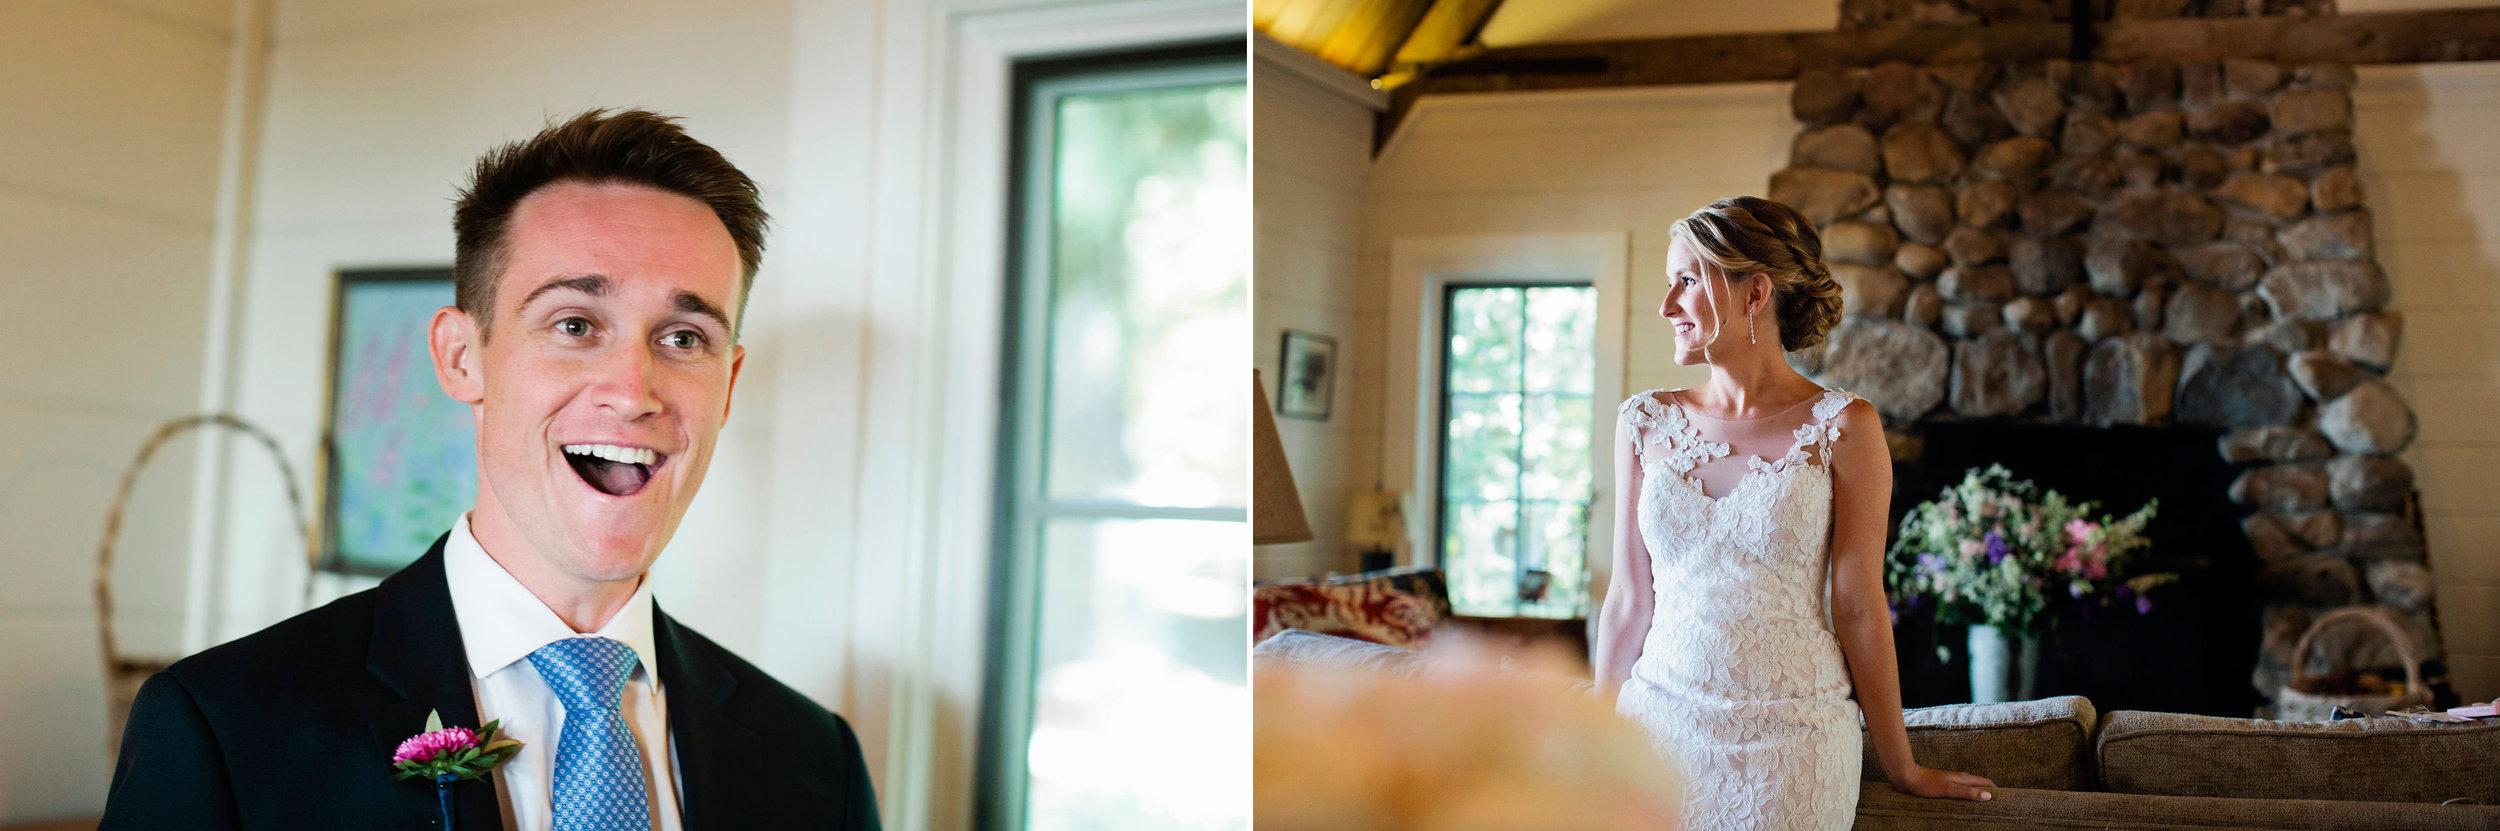 Tahoe-Summer-Wedding-010 copy.jpg